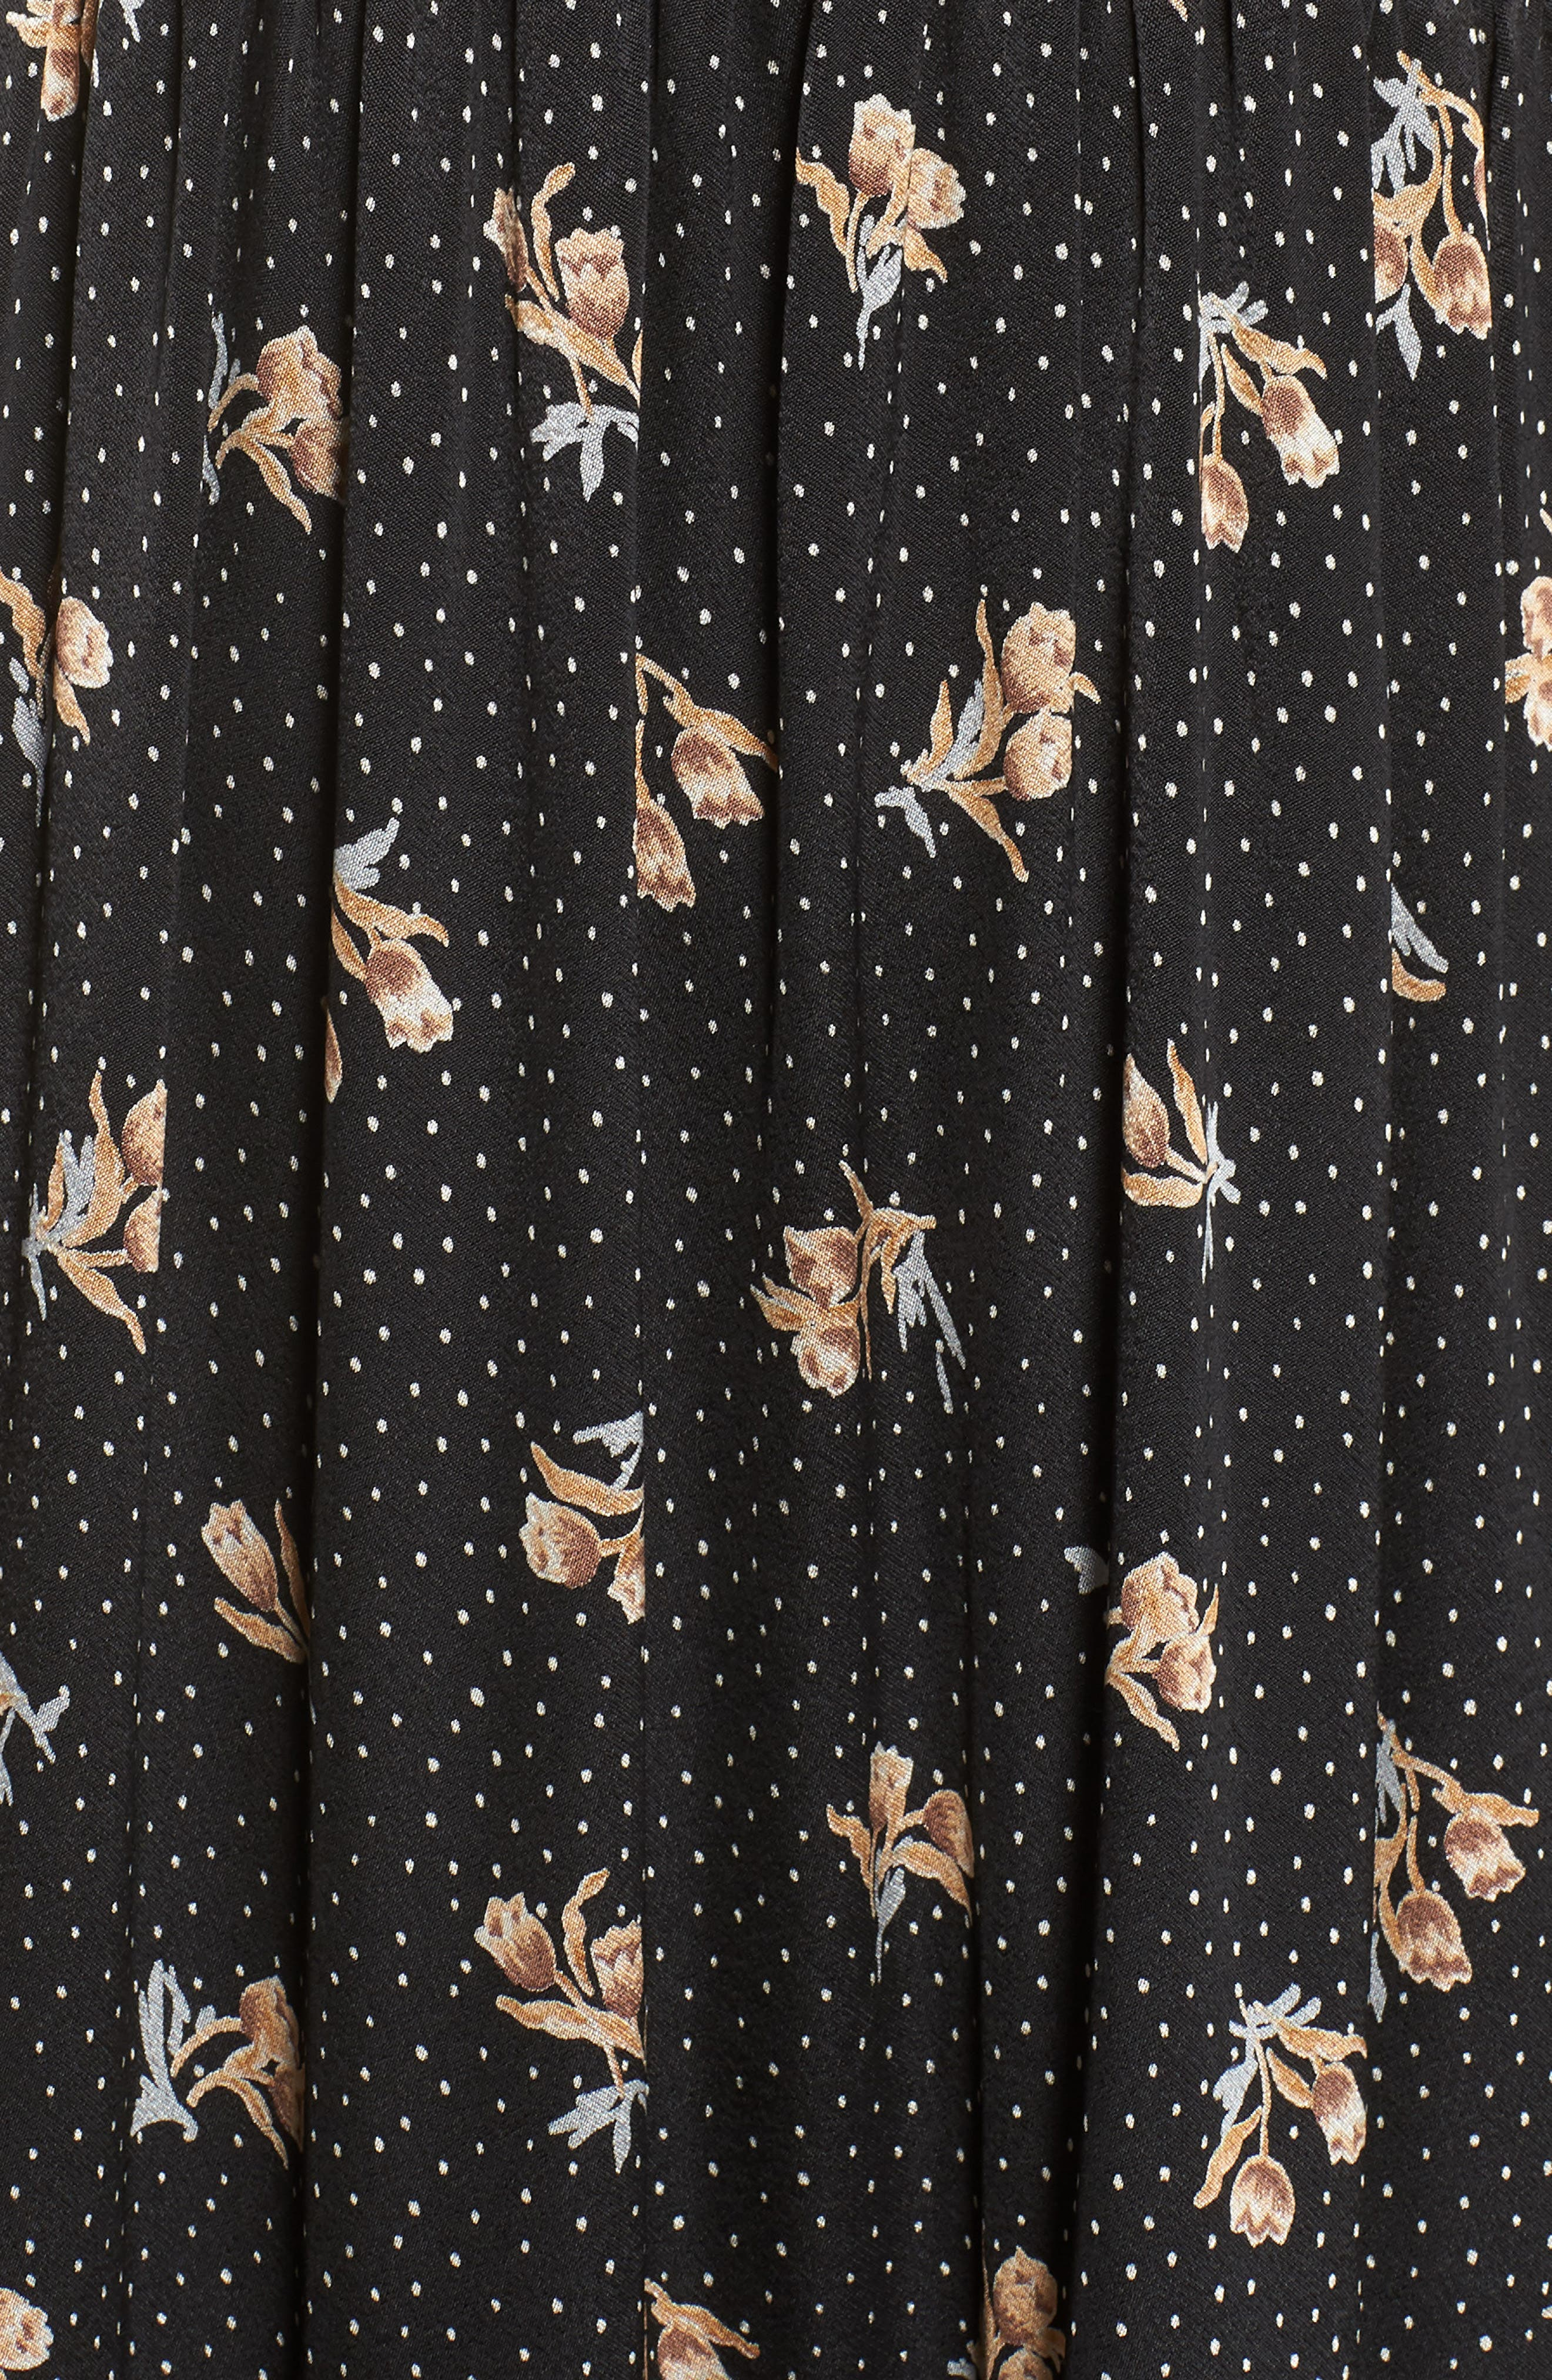 Lace Panel Maxi Dress,                             Alternate thumbnail 6, color,                             BLACK FLORAL